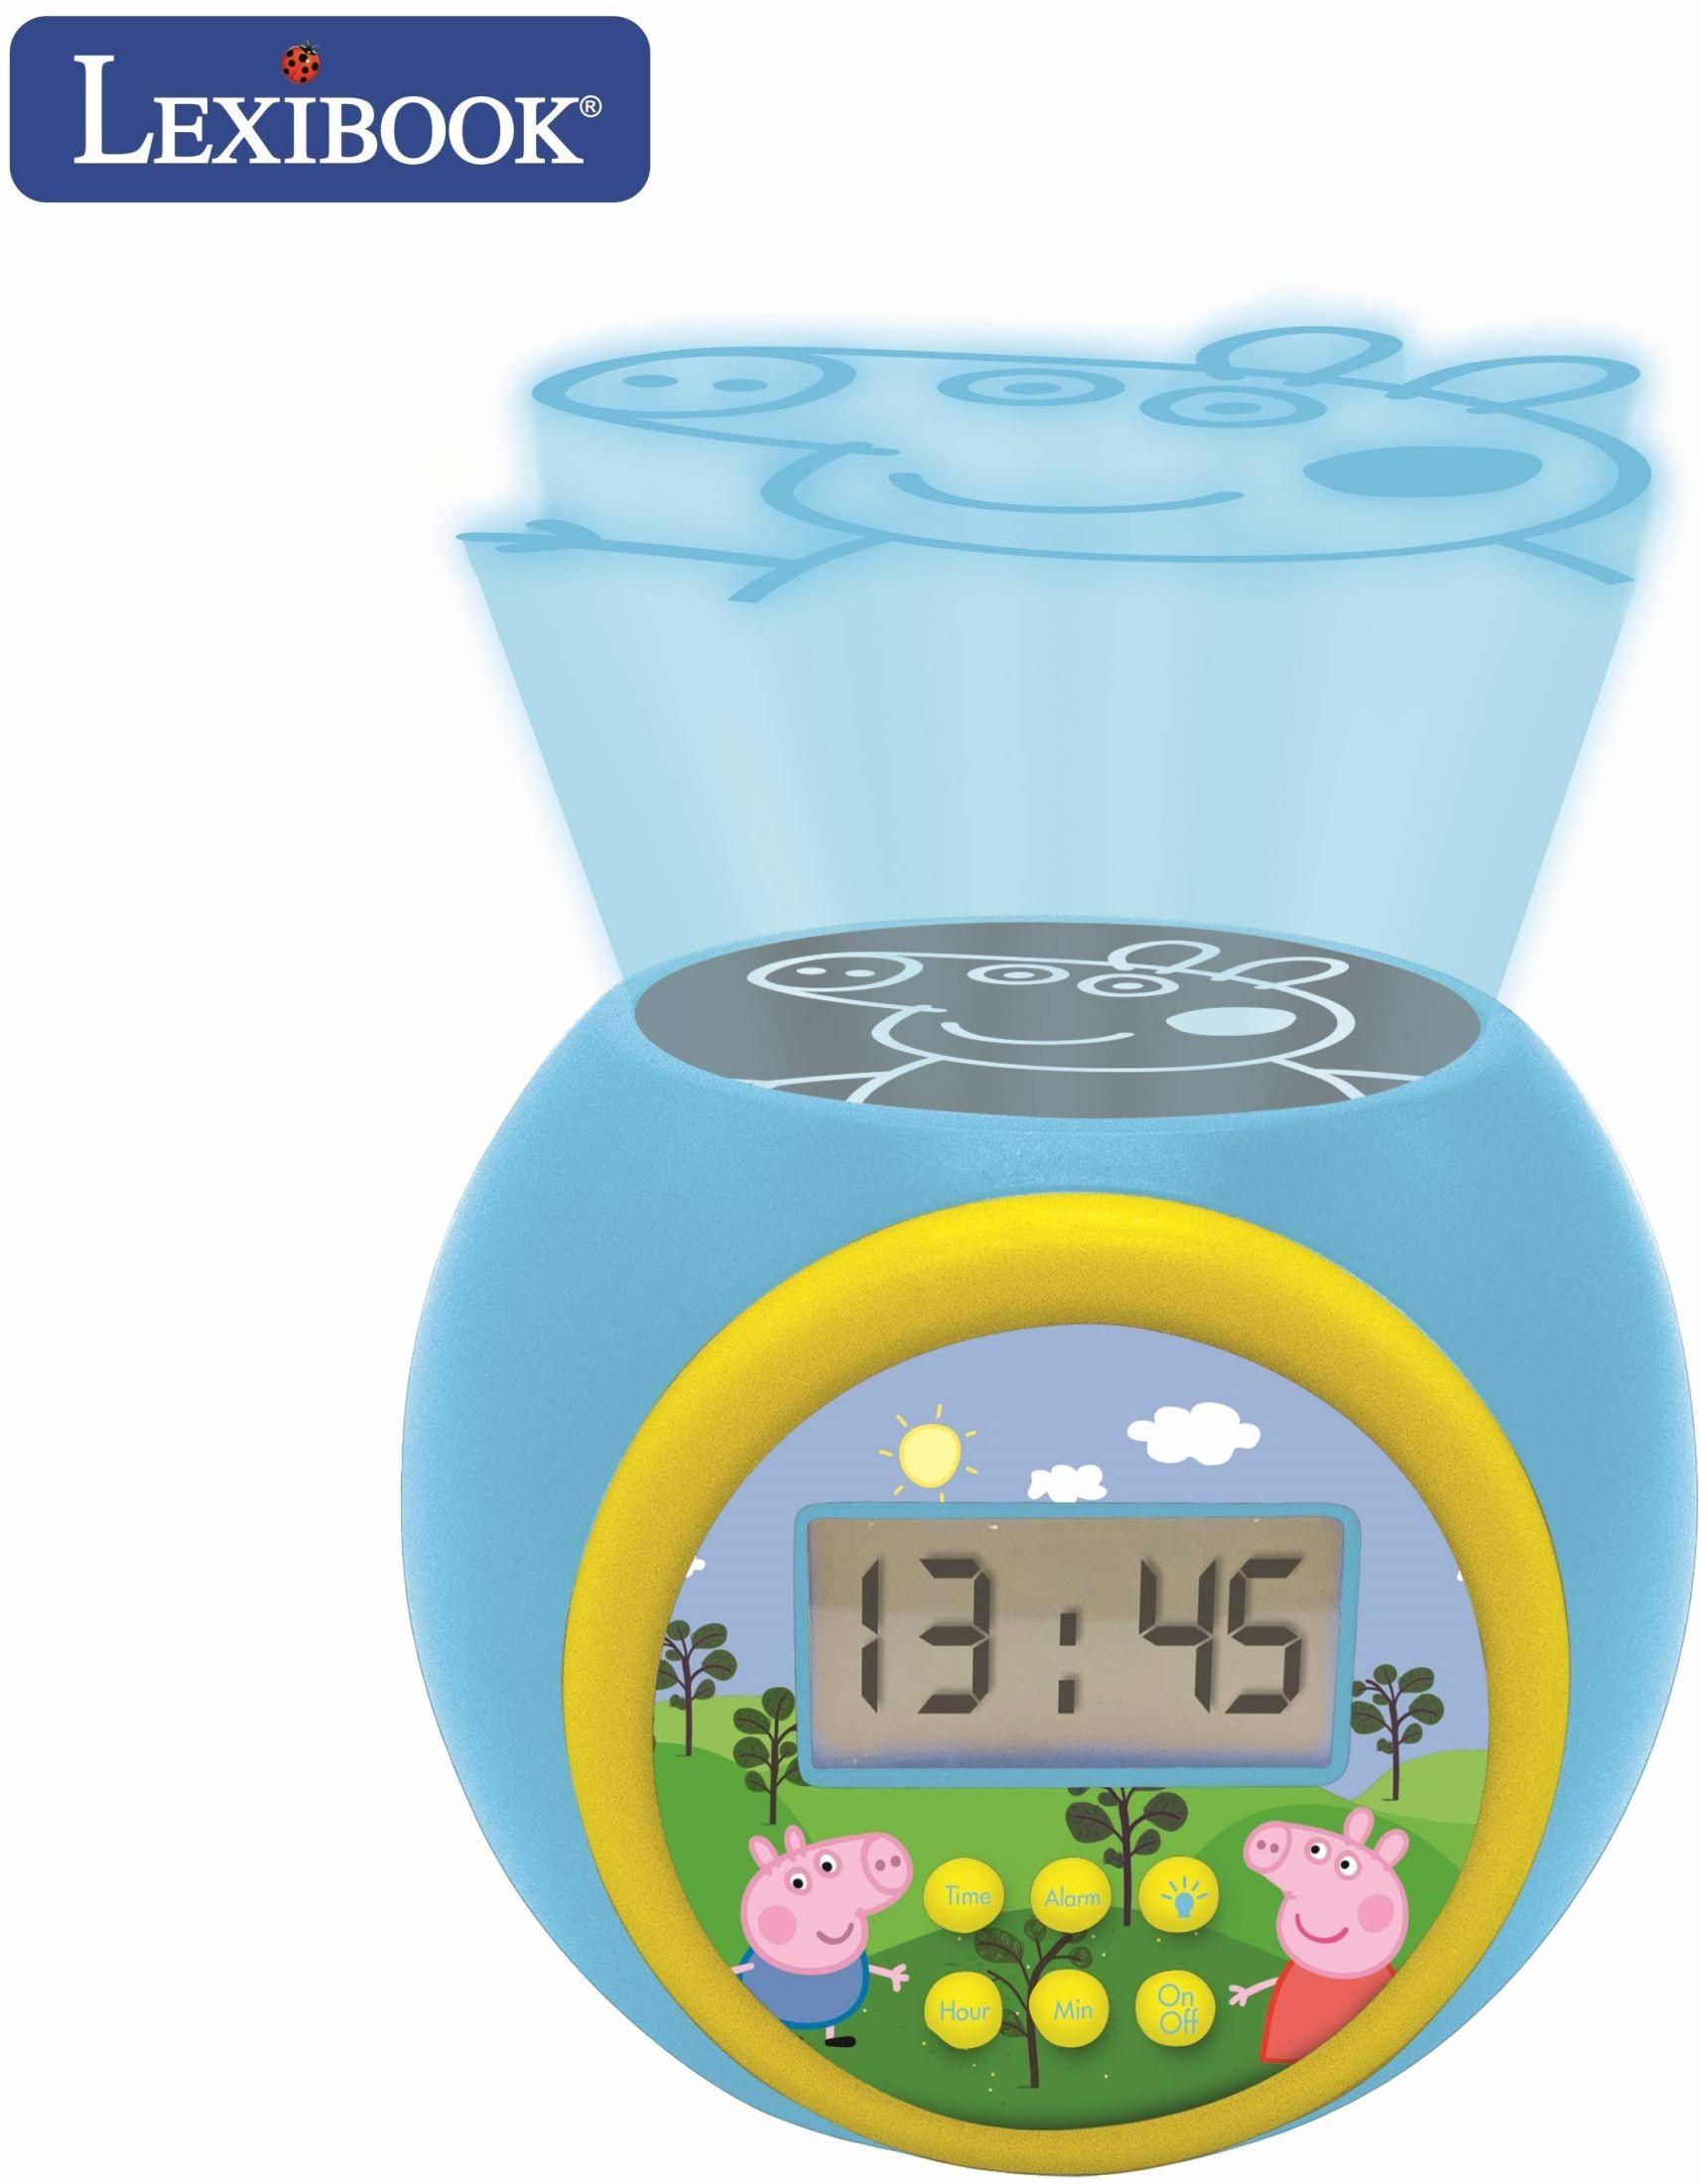 Lexibook RL977PP zegar projektorowy świnka Peppa z funkcją alarmu drzemki, lampka nocna z timerem, ekran LCD, zasilanie bateryjne, niebieski/żółty